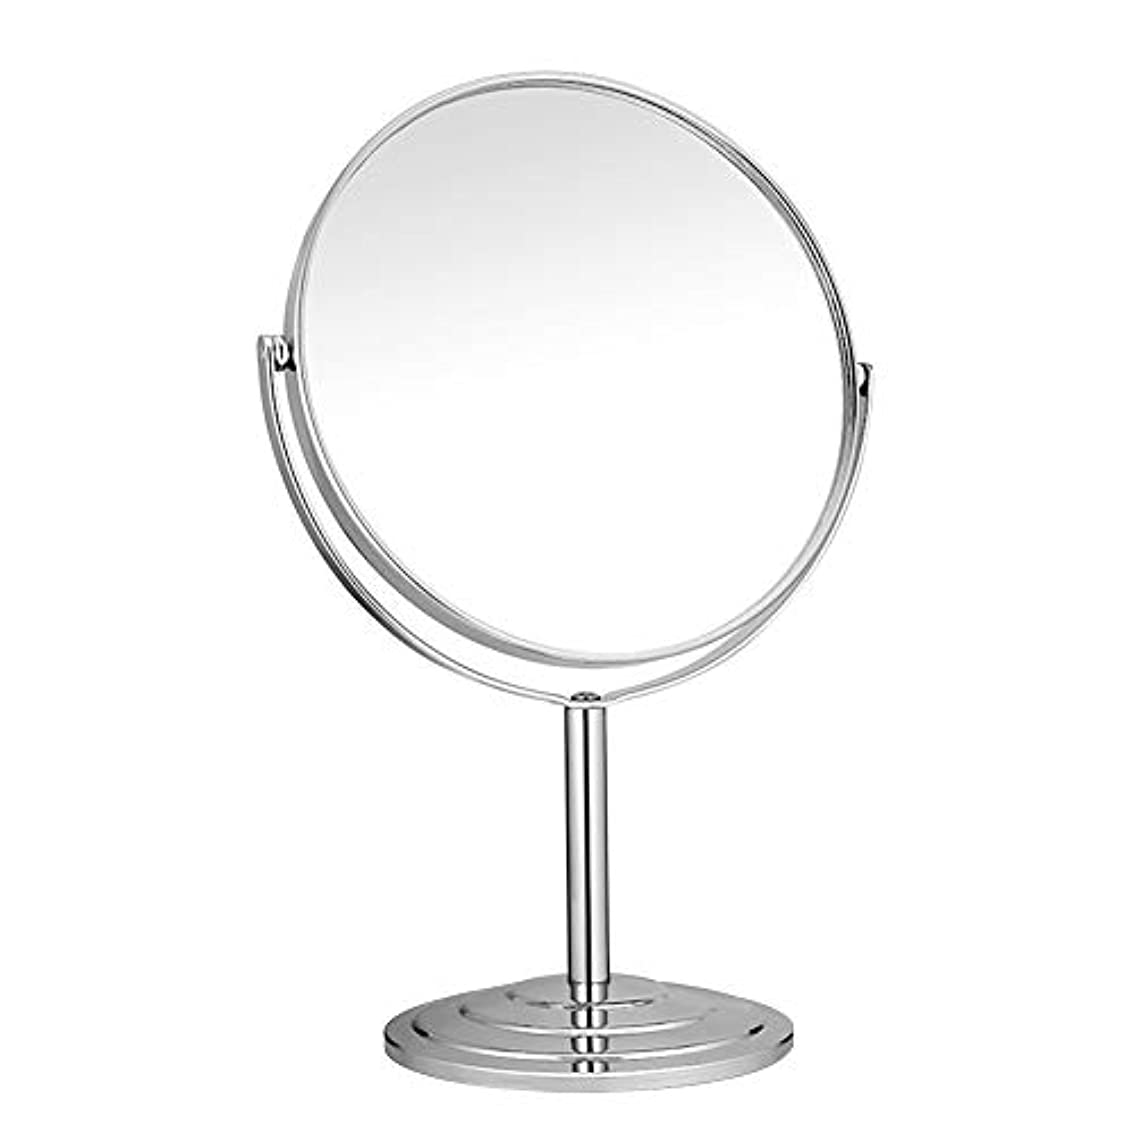 やがて情熱出来事RAAKIMO 卓上化粧鏡 メイクミラー 3倍拡大鏡+等倍鏡 両面型 スタンド 360度回転 シルバー (鏡面15cm)